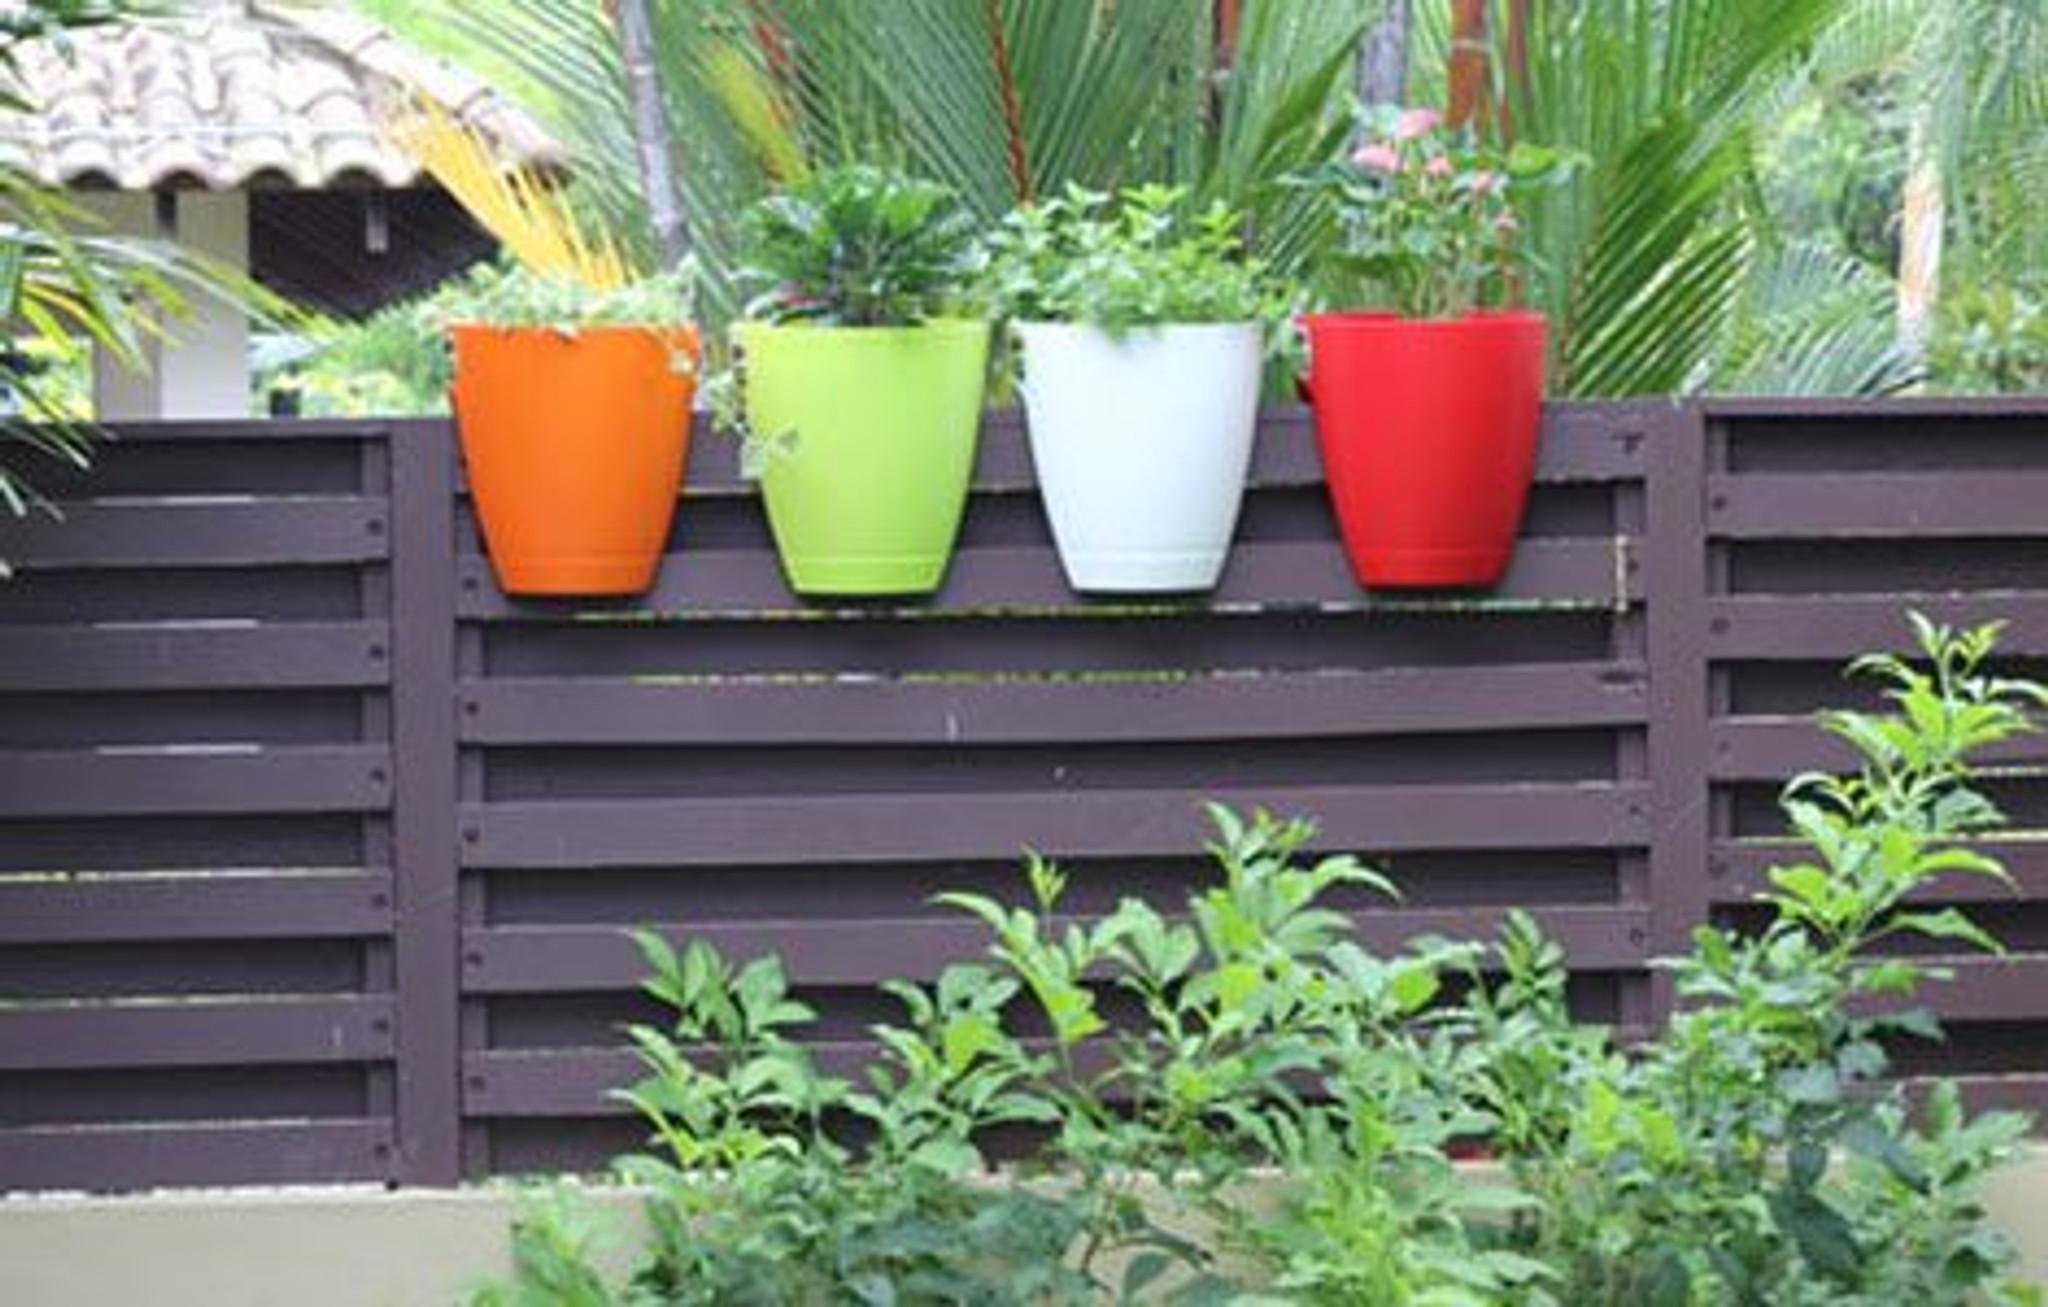 Greenbo large railing planter on fences